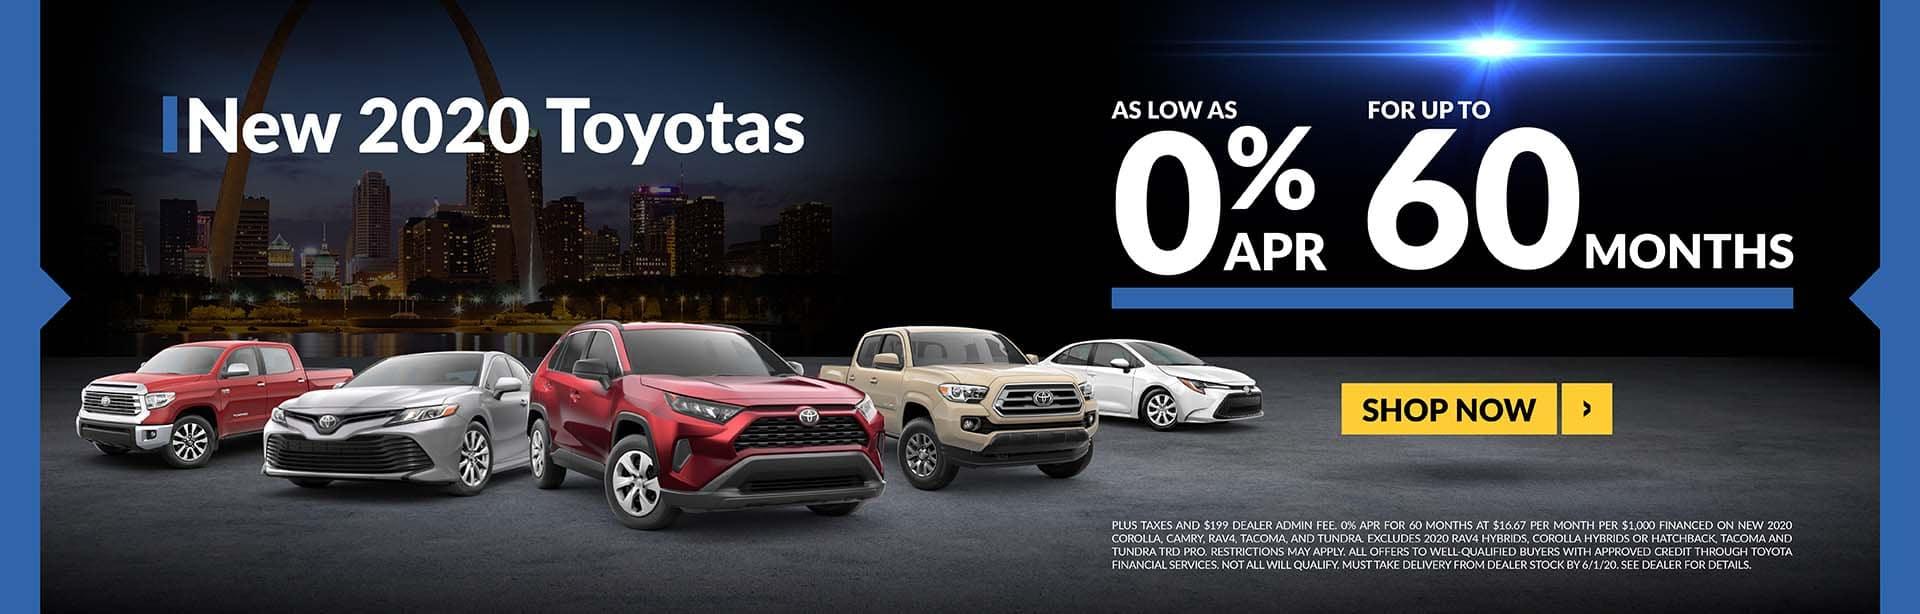 New 2020 Toyotas